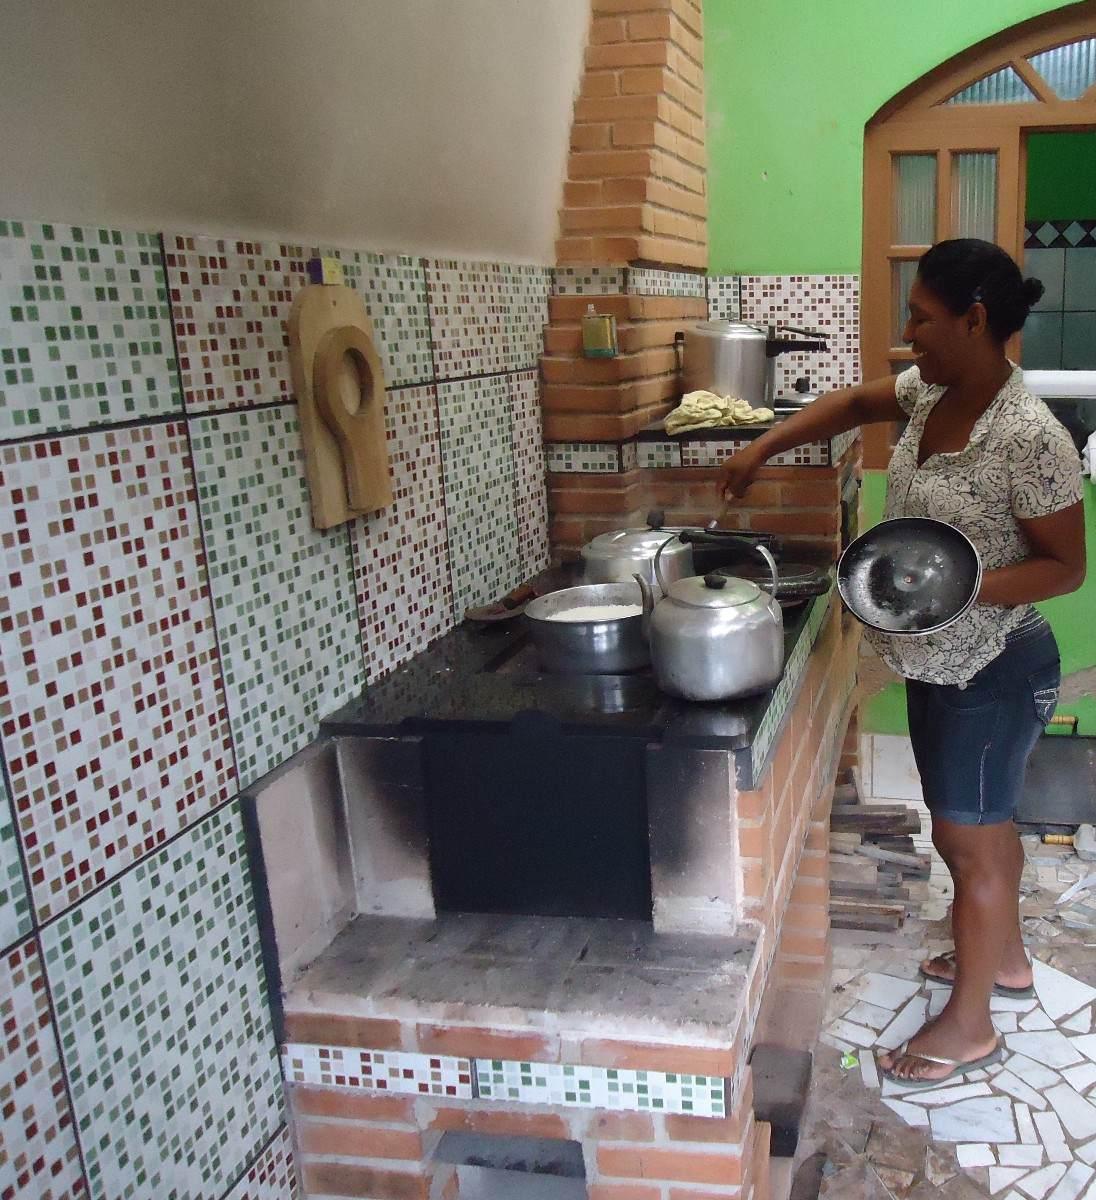 #518942 Fogão A Lenha projeto Churrasqueira  projetos R$ 1 20 em Mercado  1096x1200 px Projeto Cozinha Com Fogão A Lenha_4130 Imagens